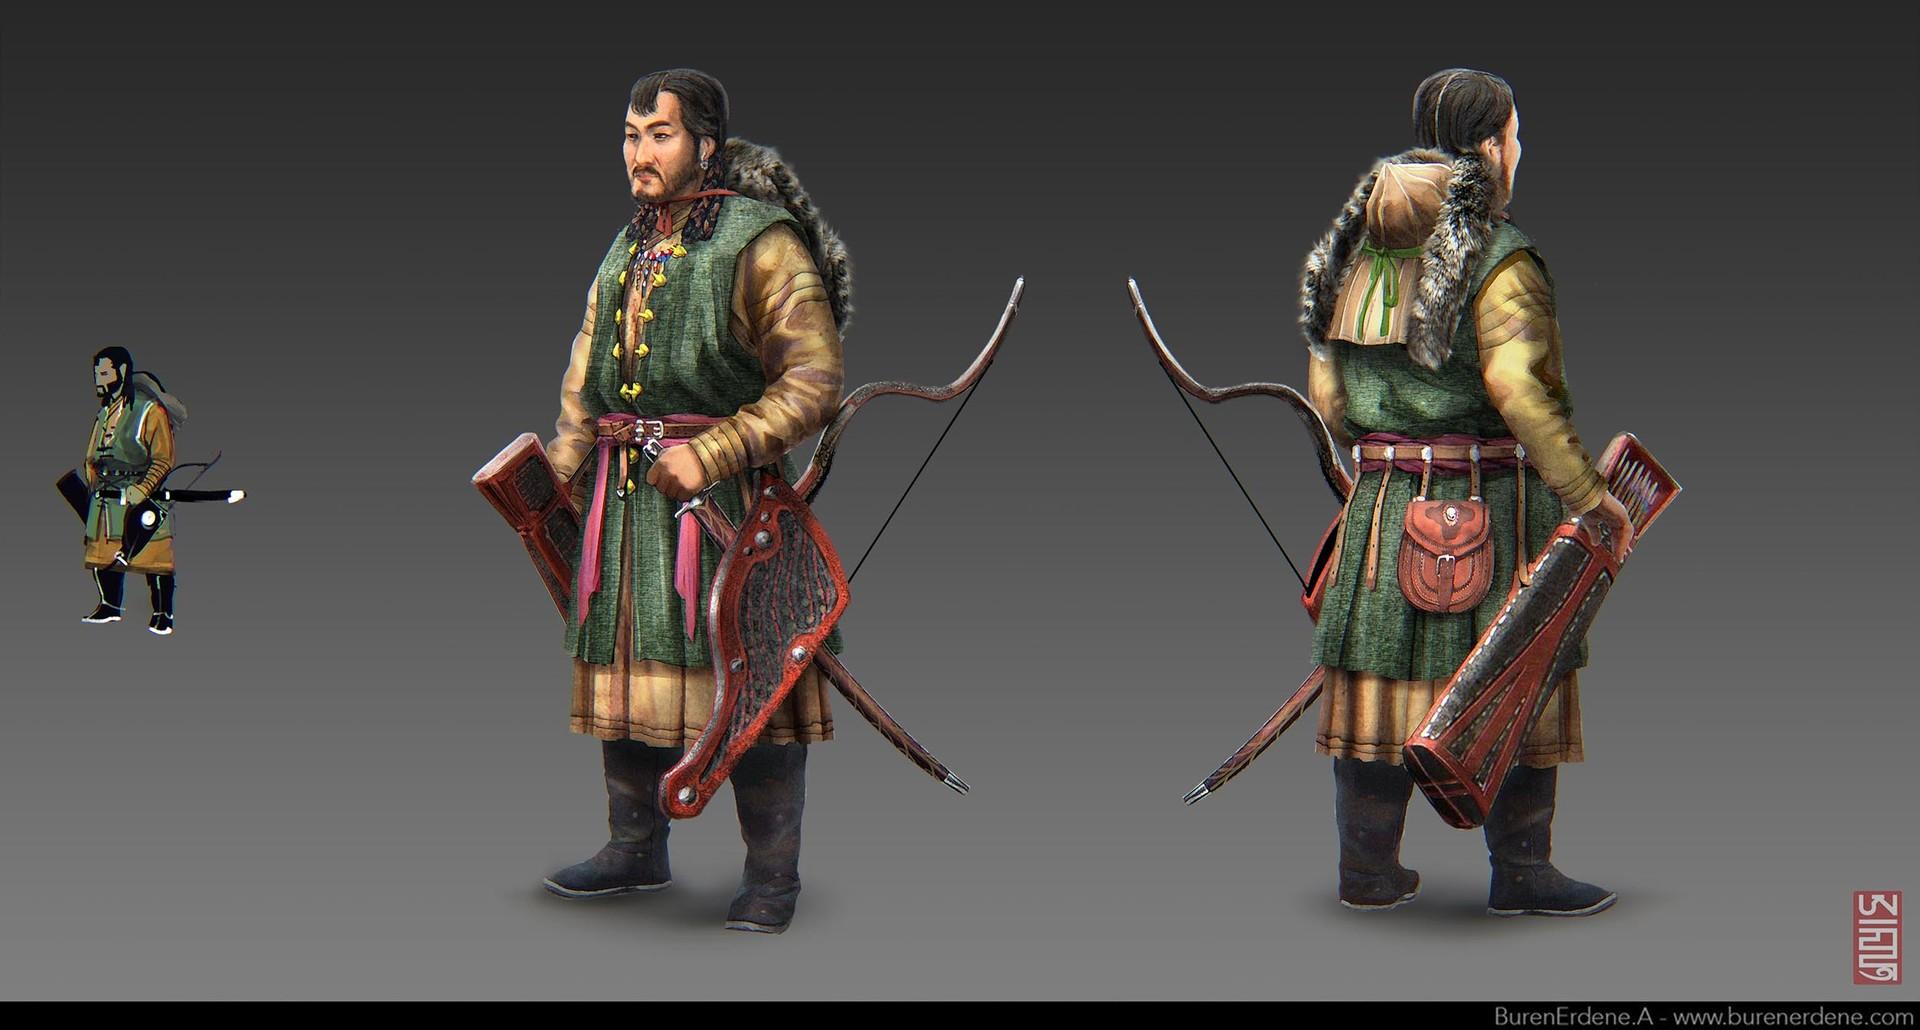 burenerdene-altankhuyag-mongol-men5.jpg?